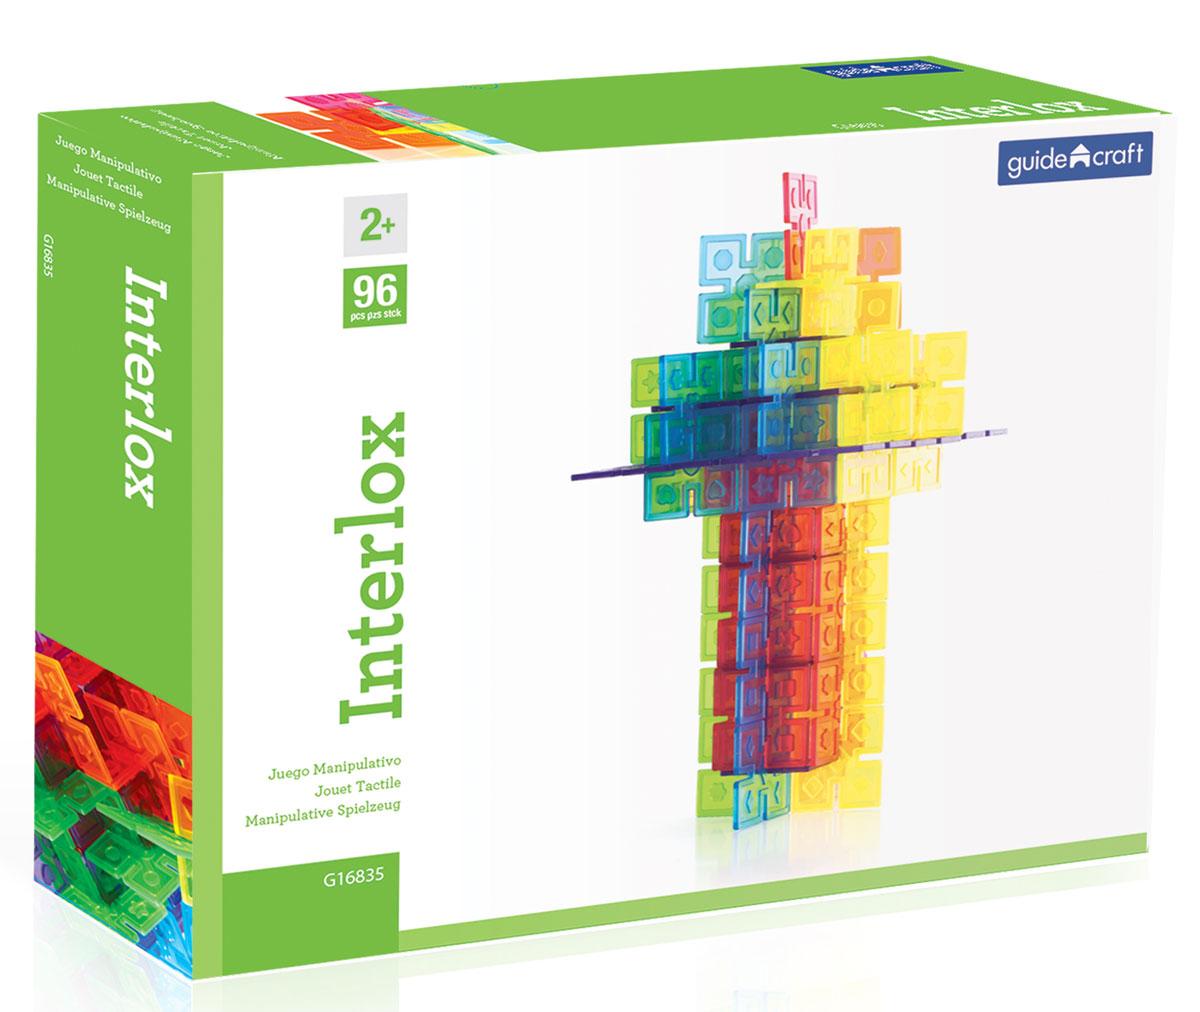 GuideCraft Конструктор пластиковый Interlox конструкторы guidecraft конструктор interlox квадратный 96 дет